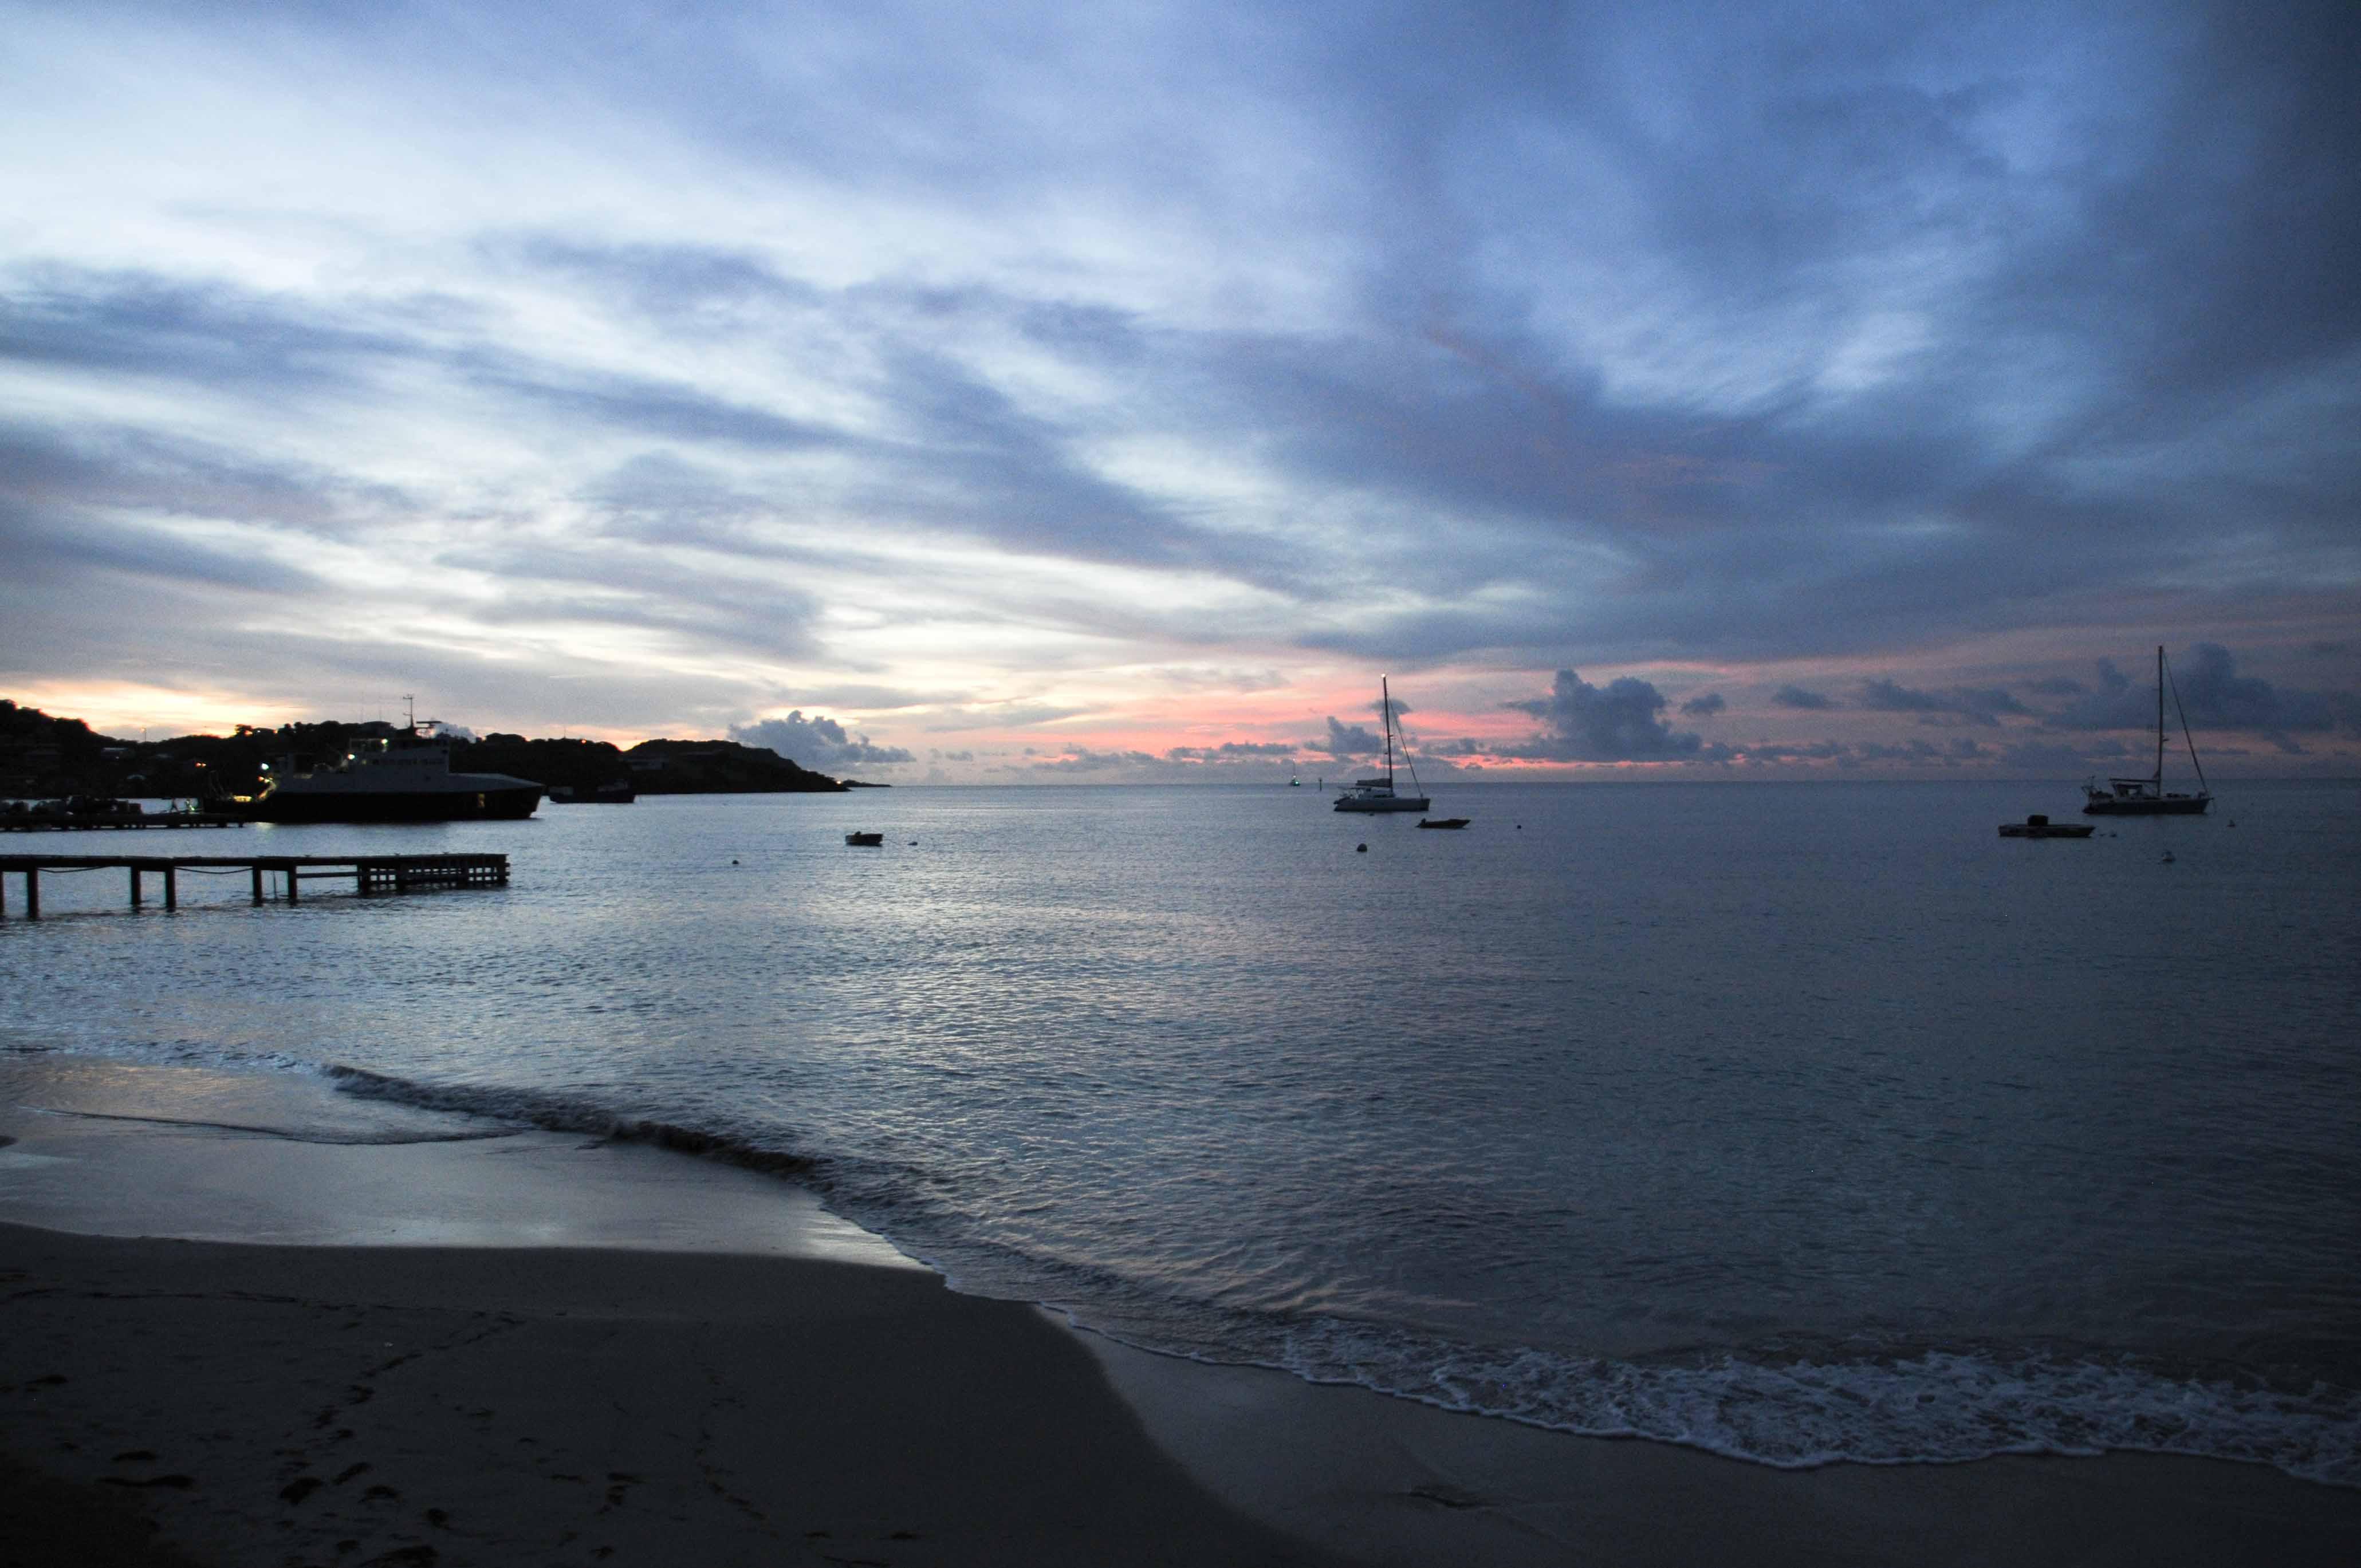 Voyage aux Iles Grenadines aux Antilles